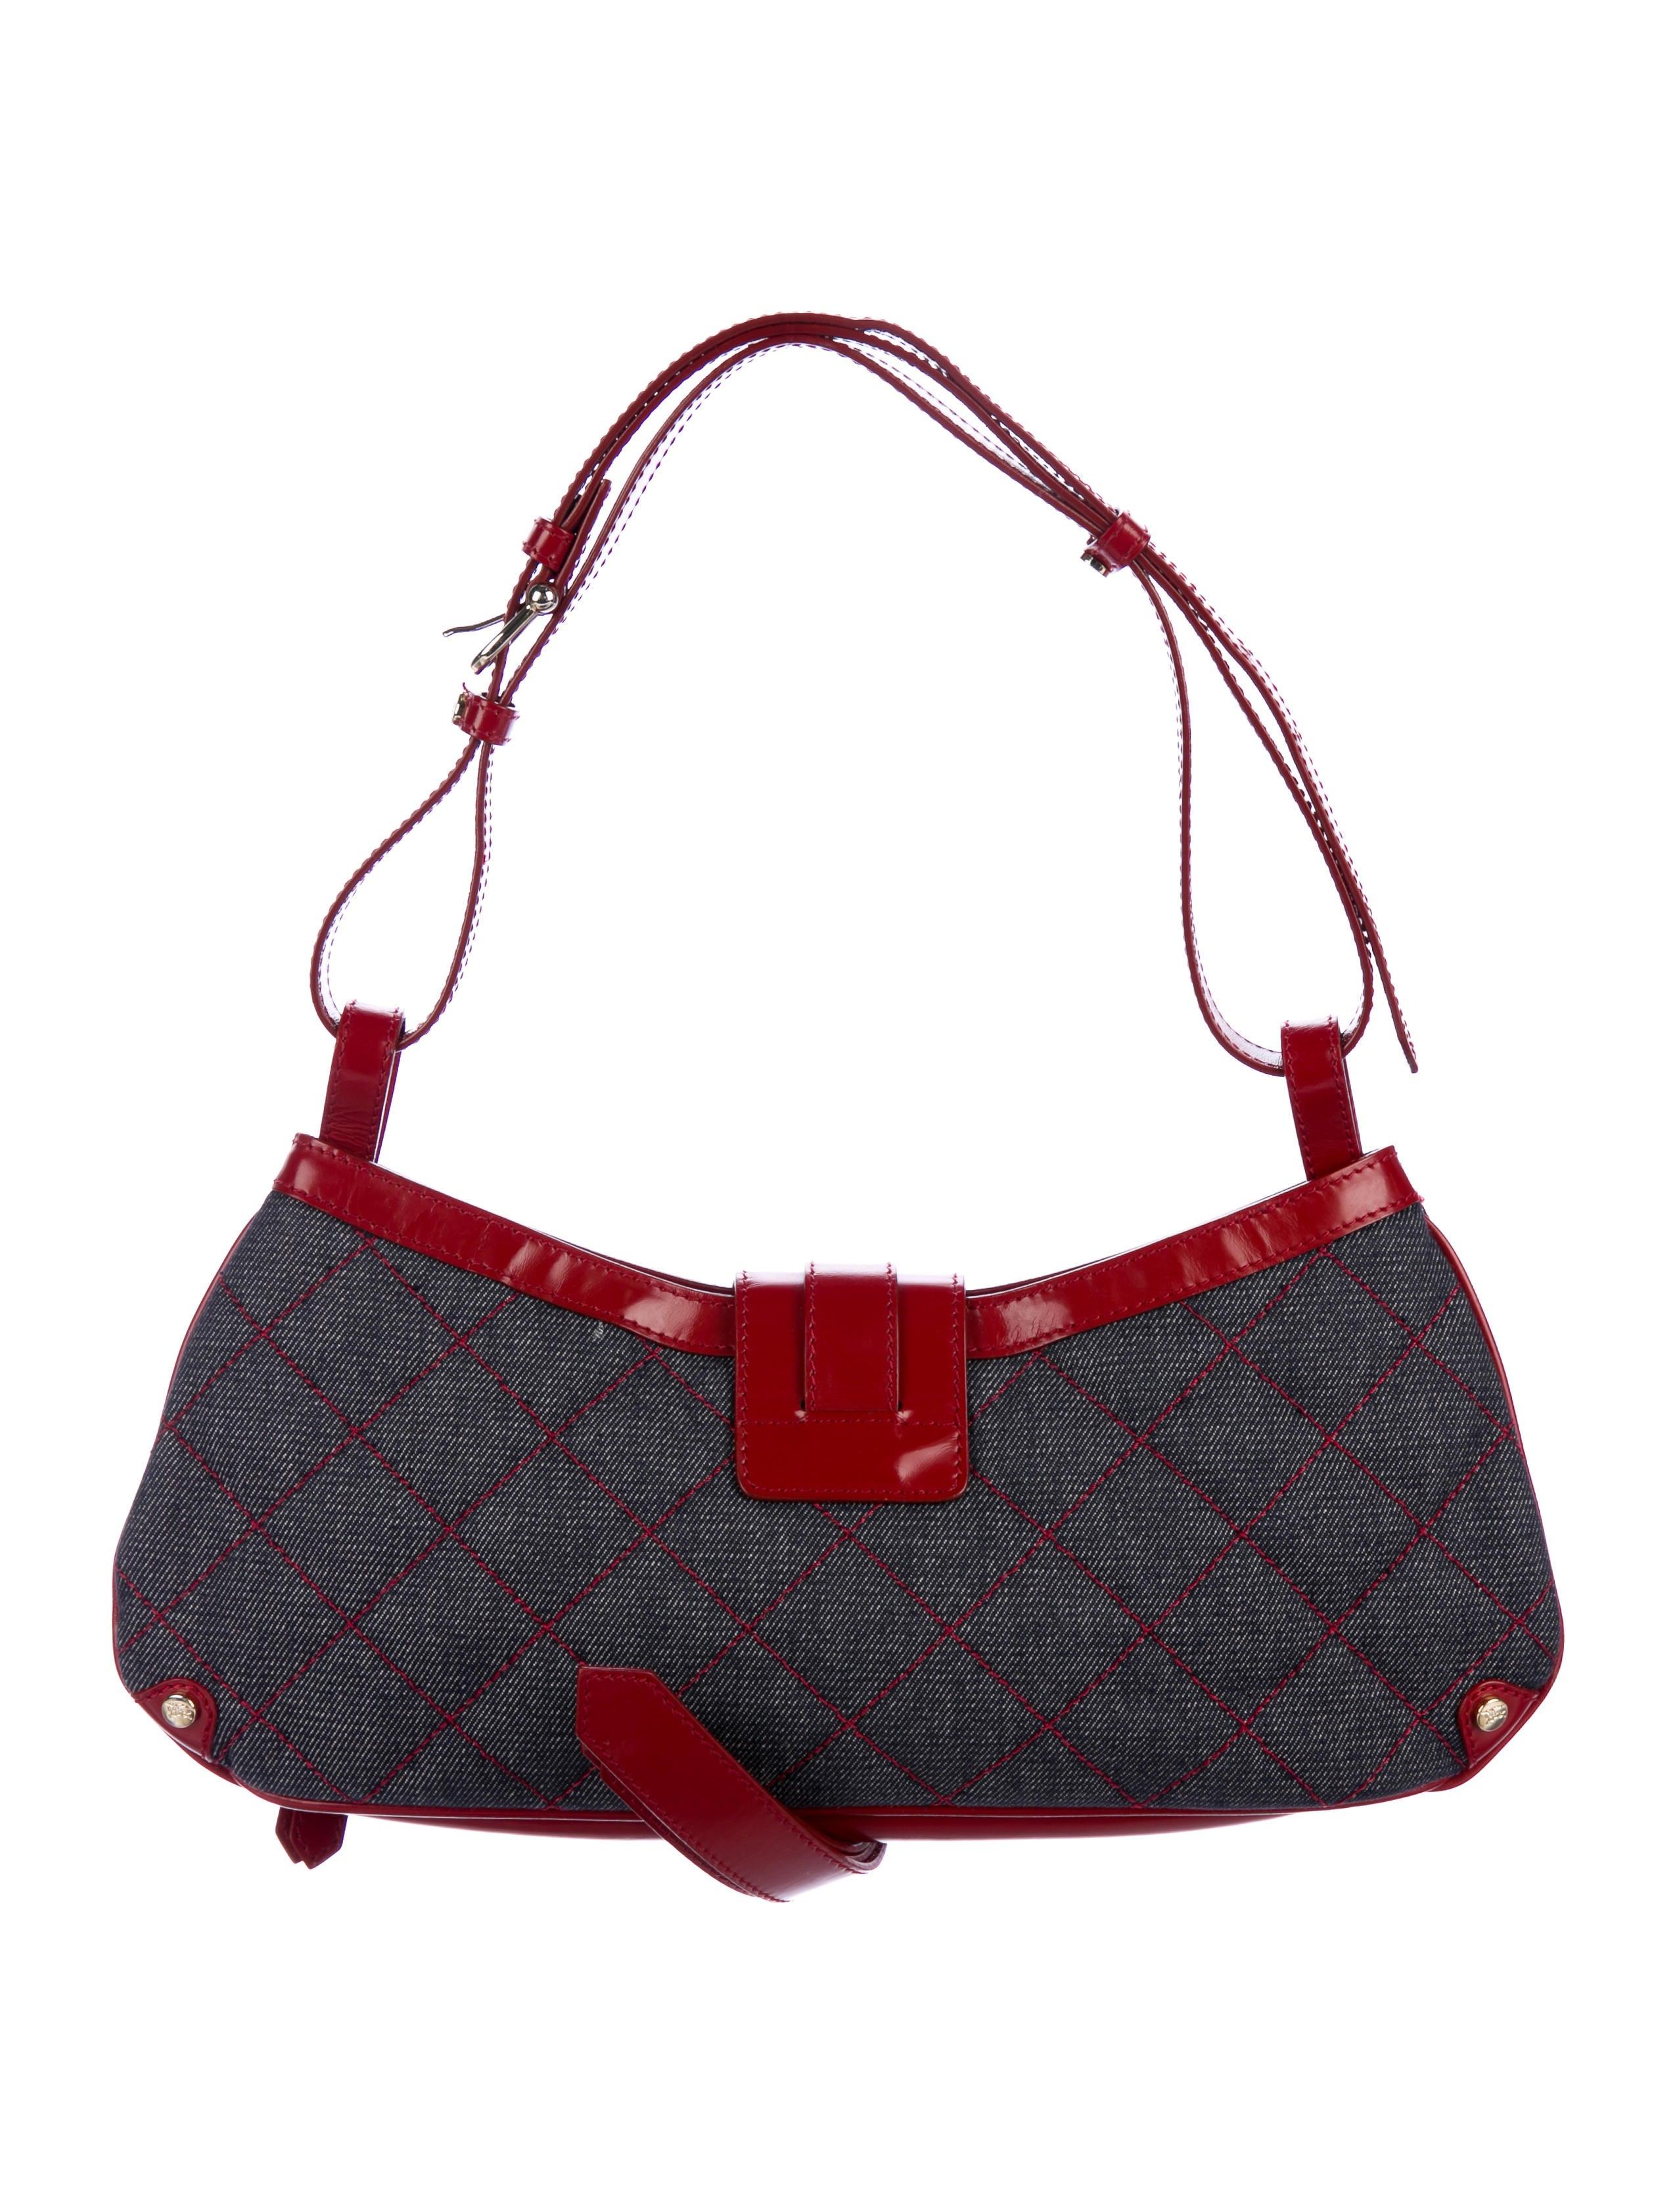 c393a305ee6e Burberry Small Denim Cinda Bag - Handbags - BUR90230